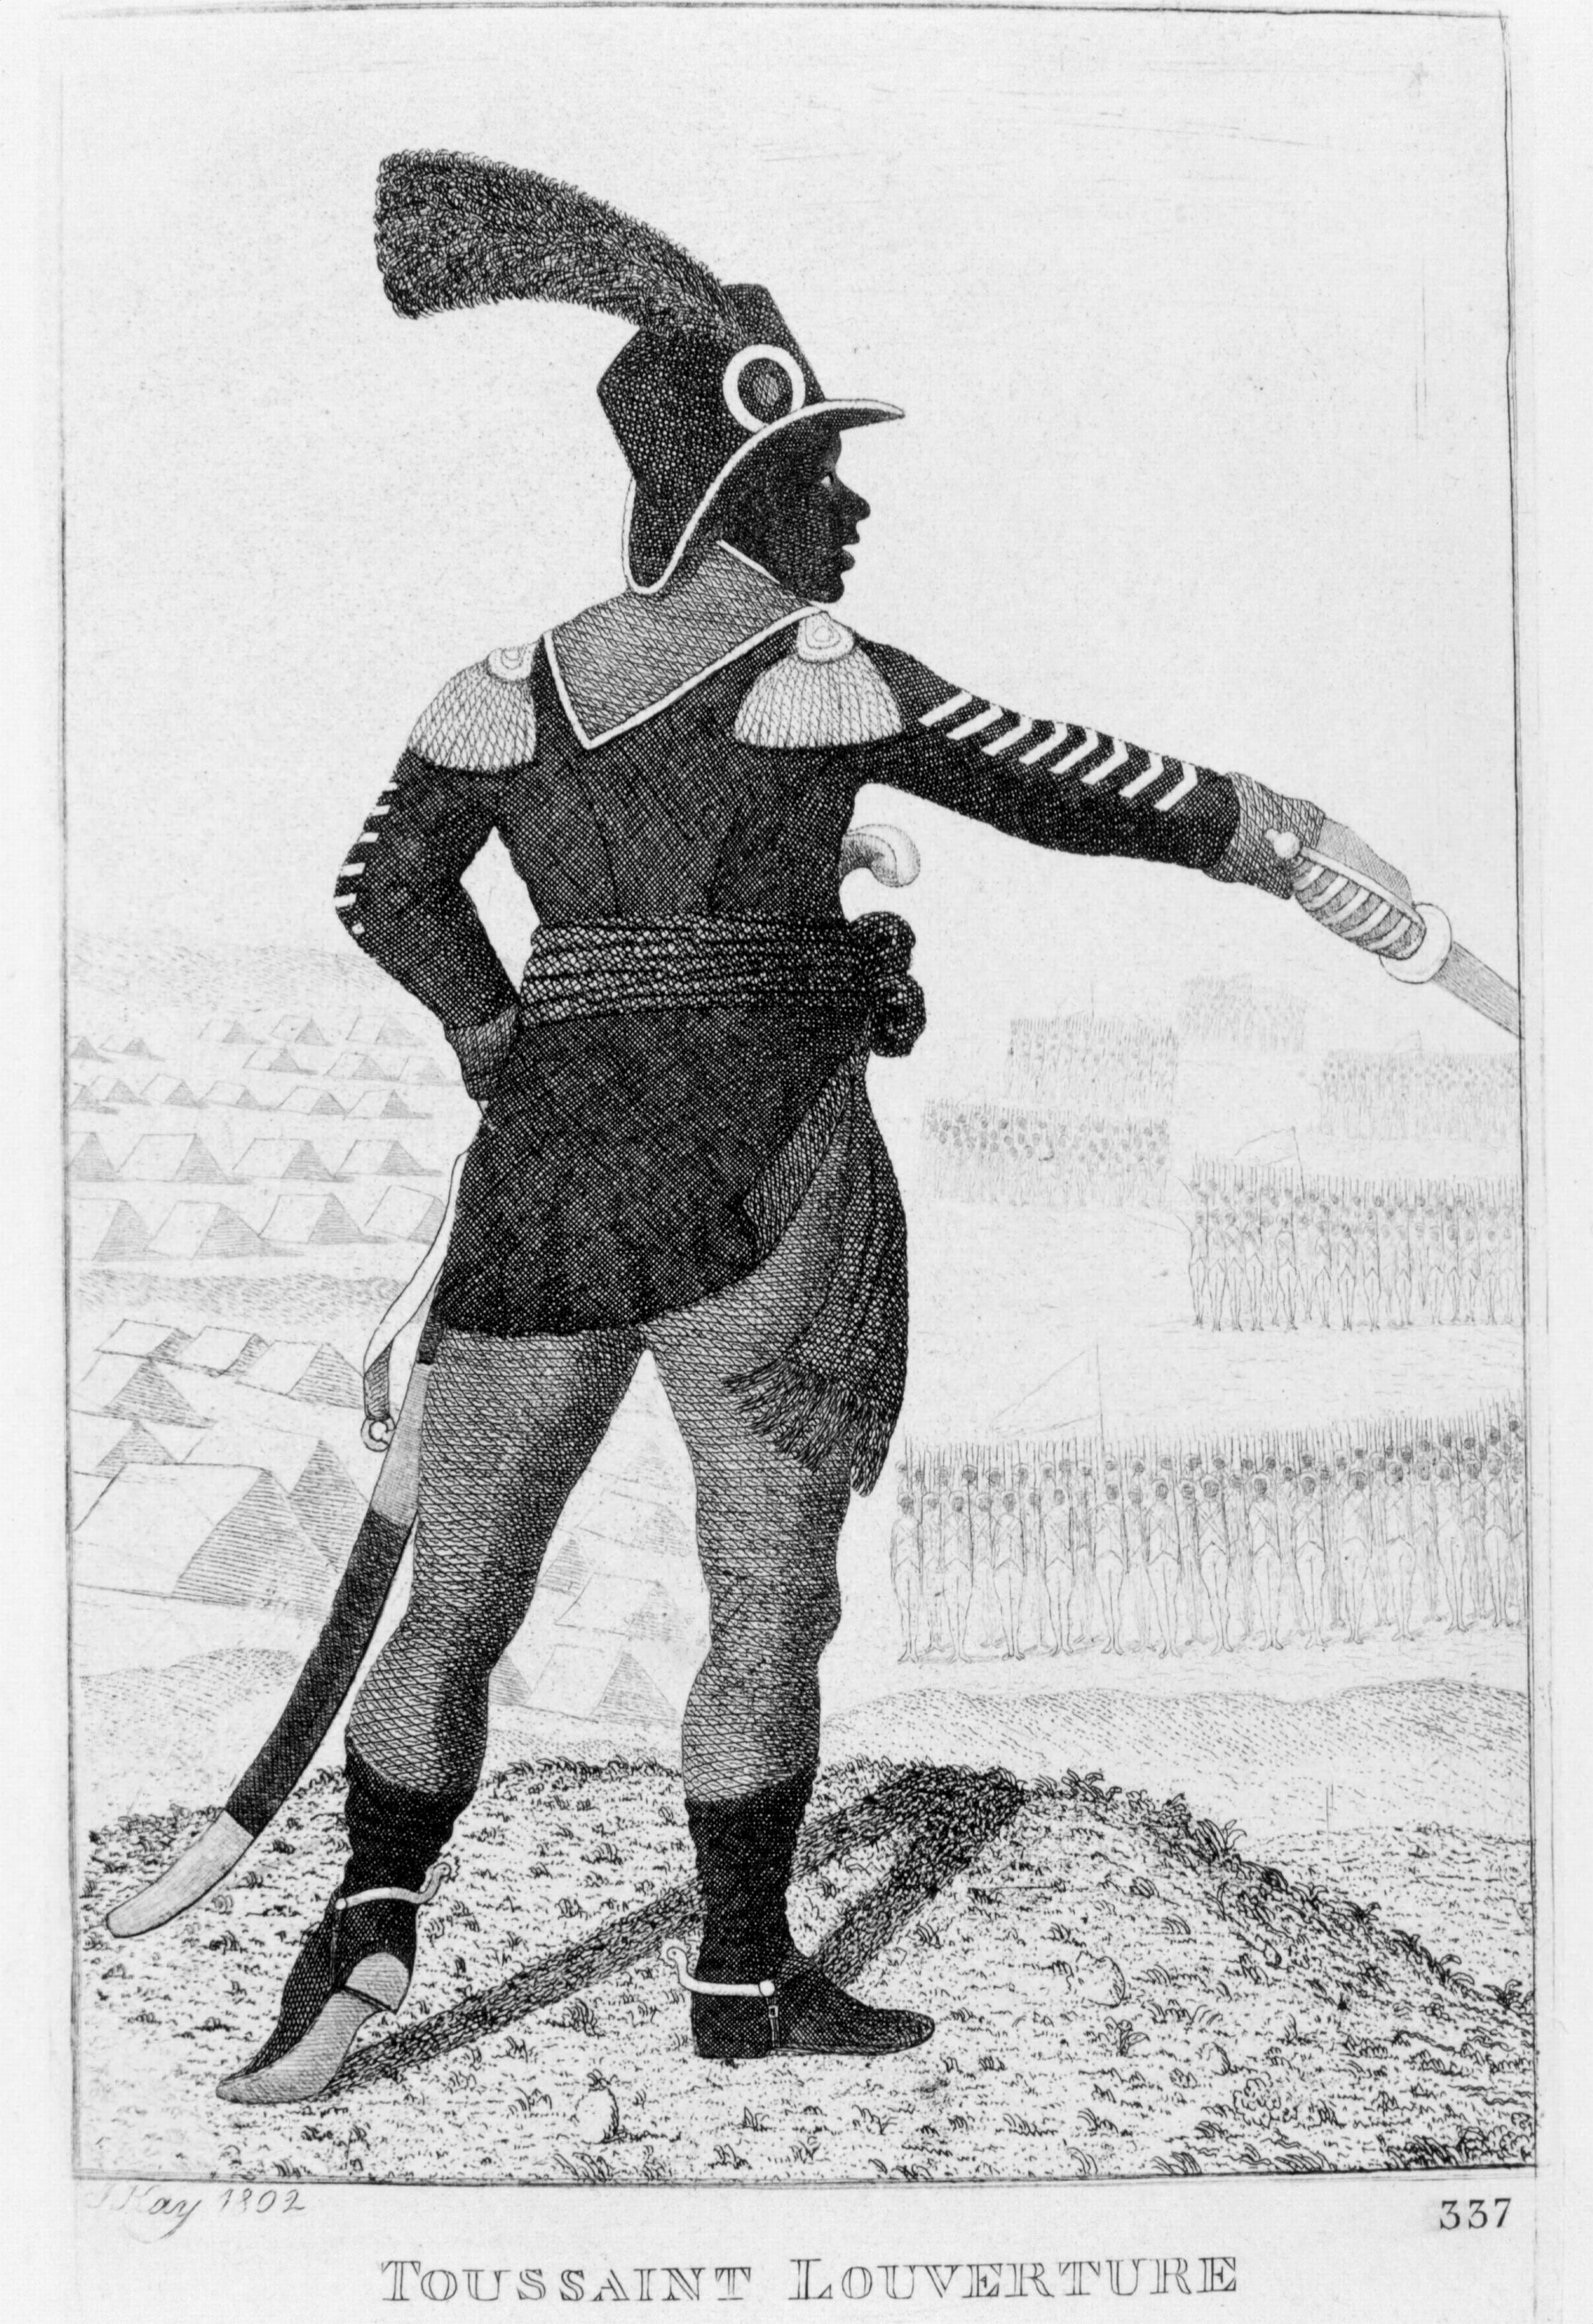 Haitian revolutionary leader Toussaint l'Ouverture.